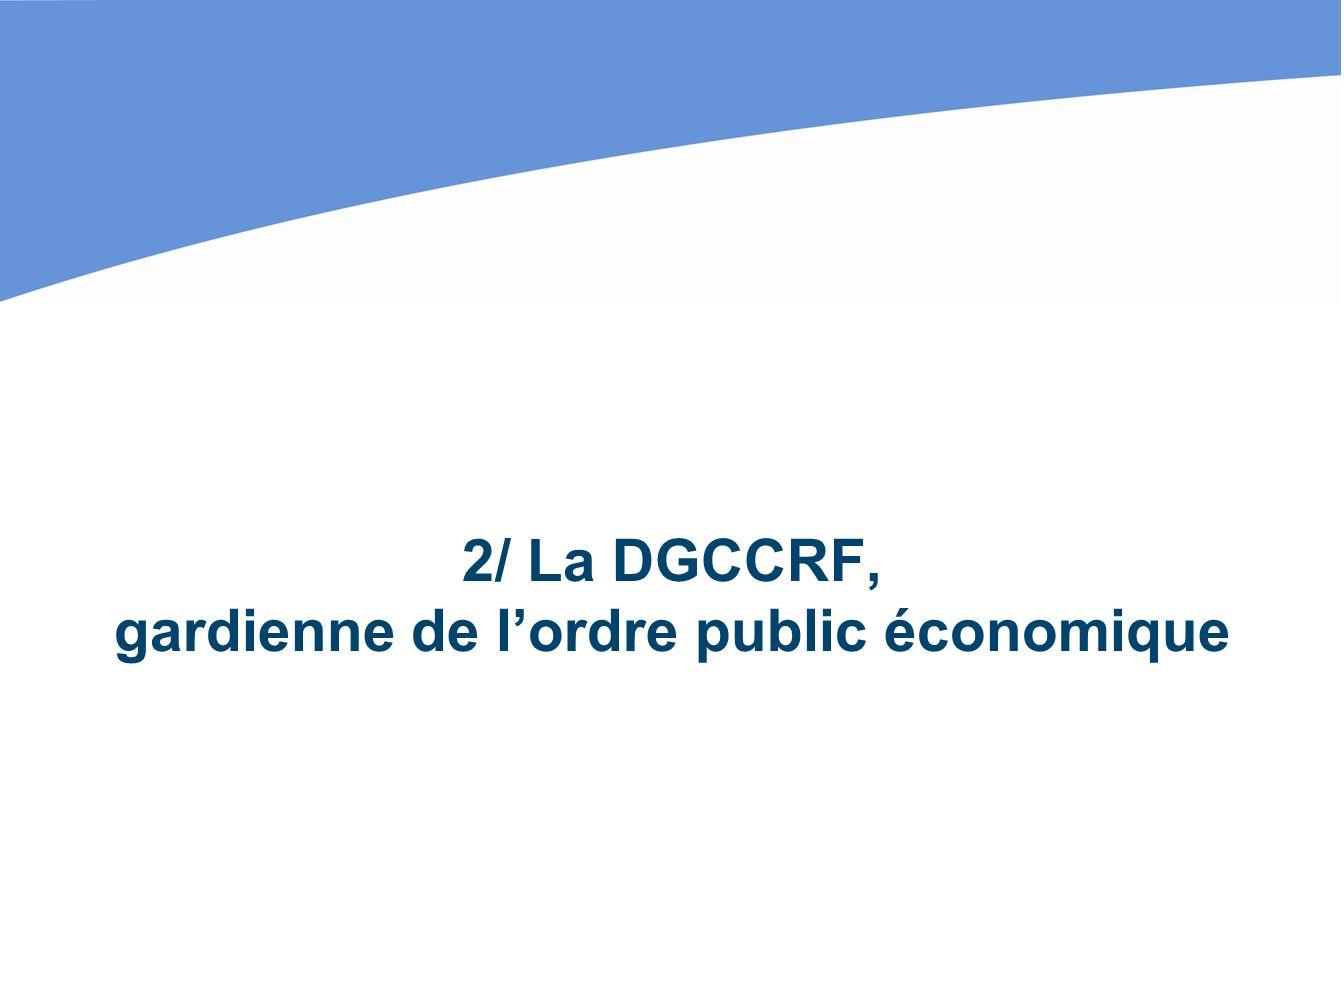 2/ La DGCCRF, gardienne de lordre public économique